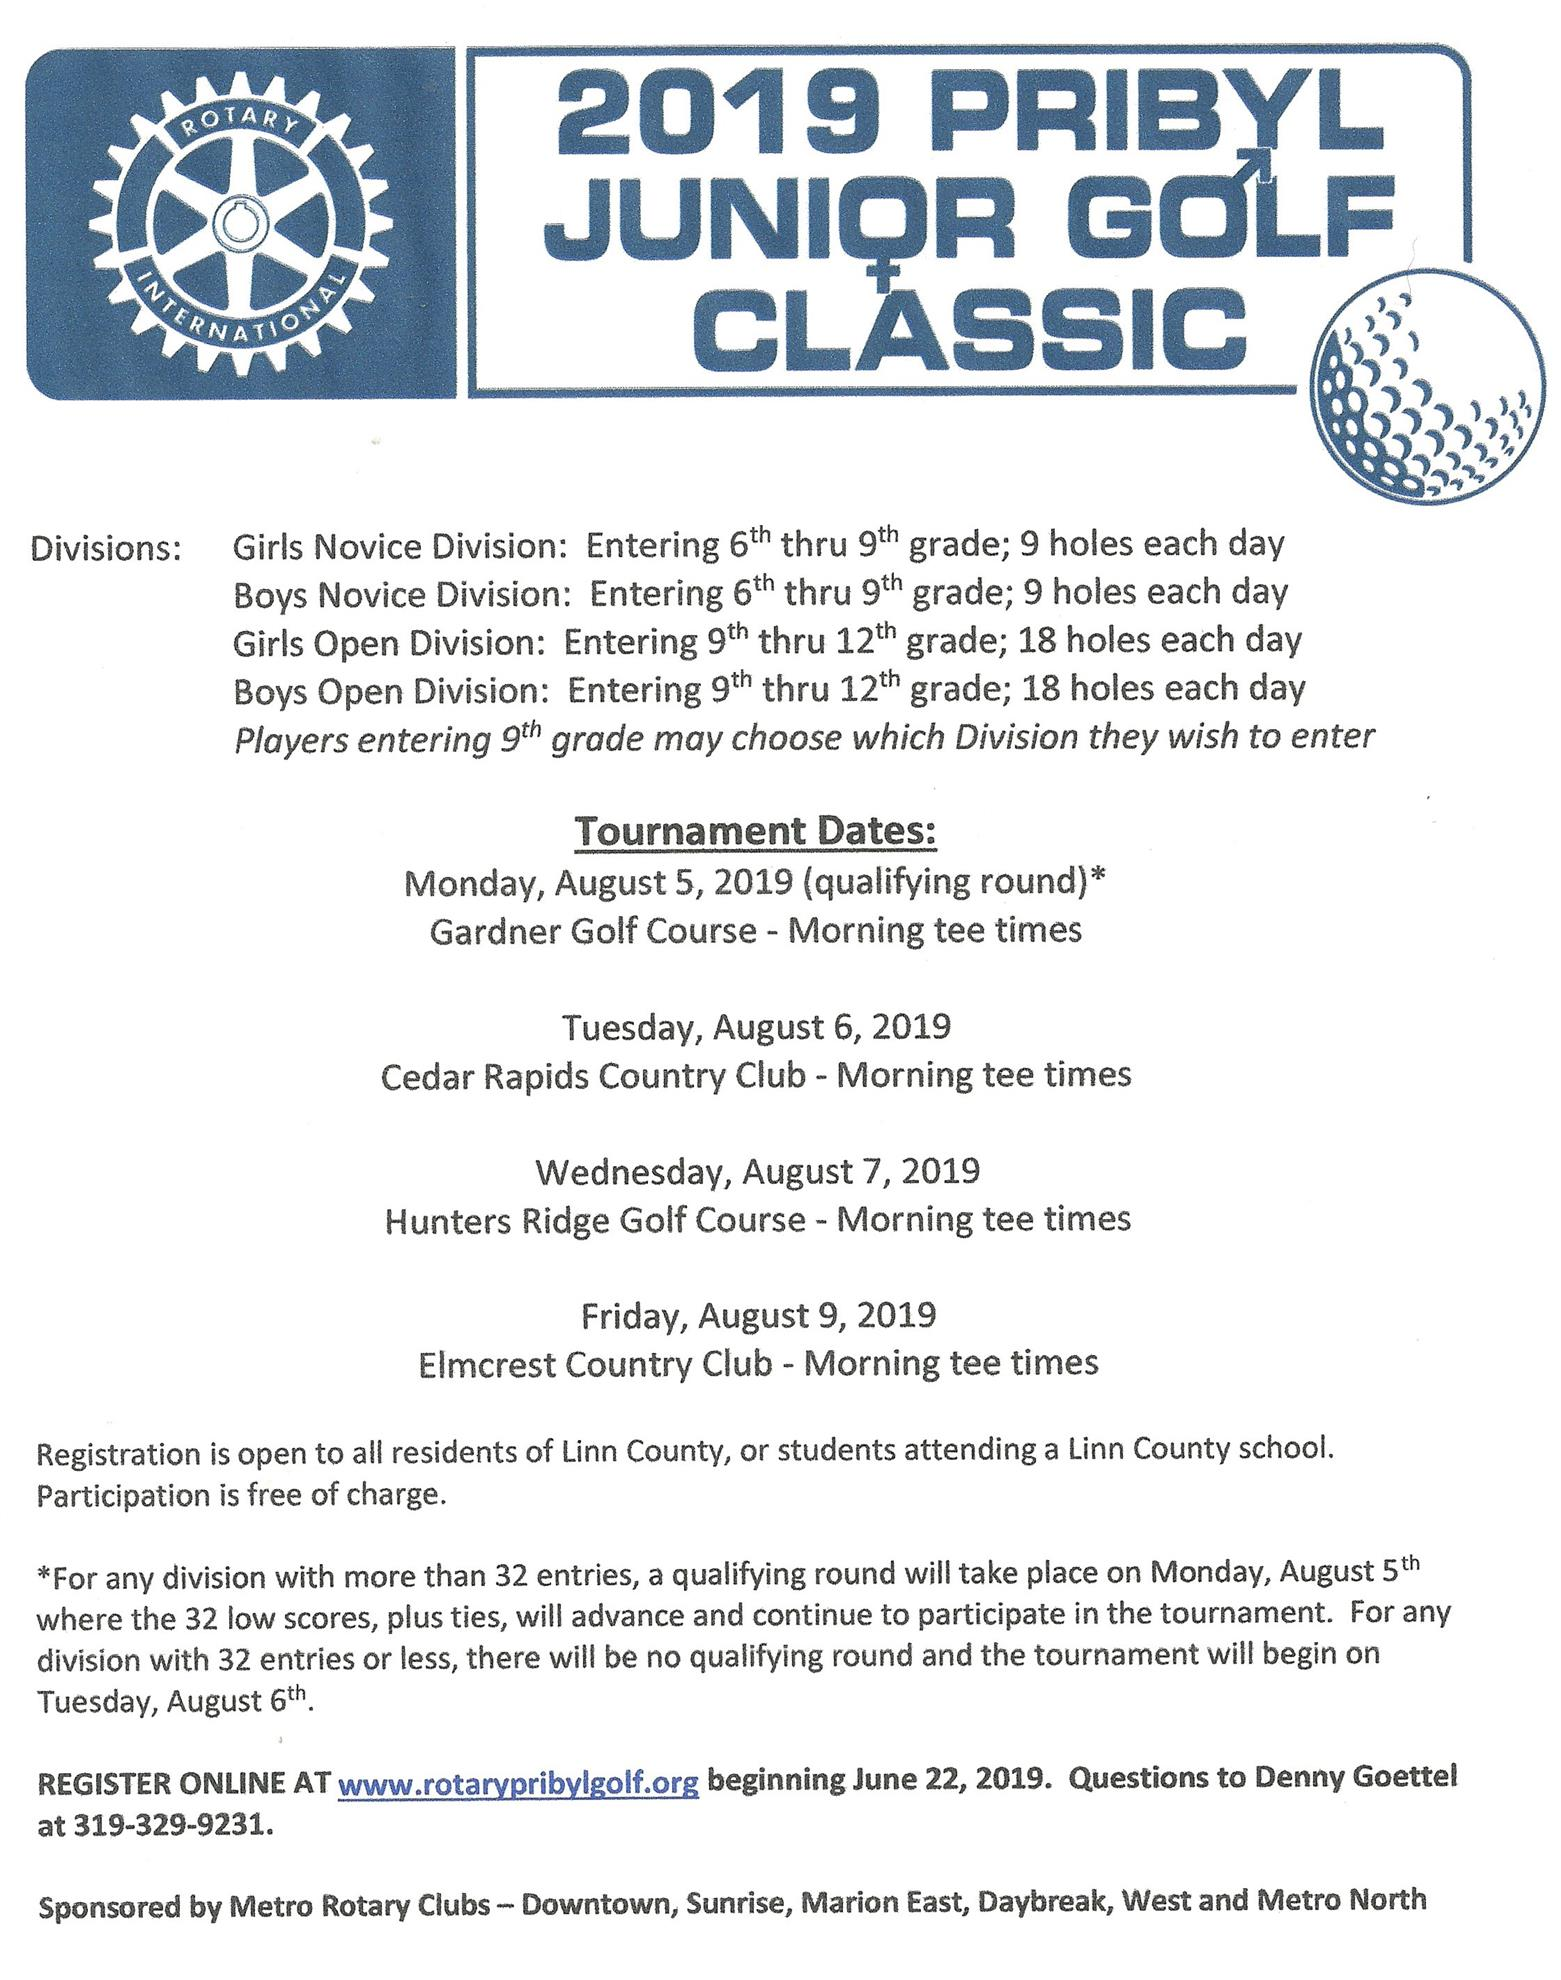 2019 Pribyl Junior Golf Classic | Rotary Club of Cedar